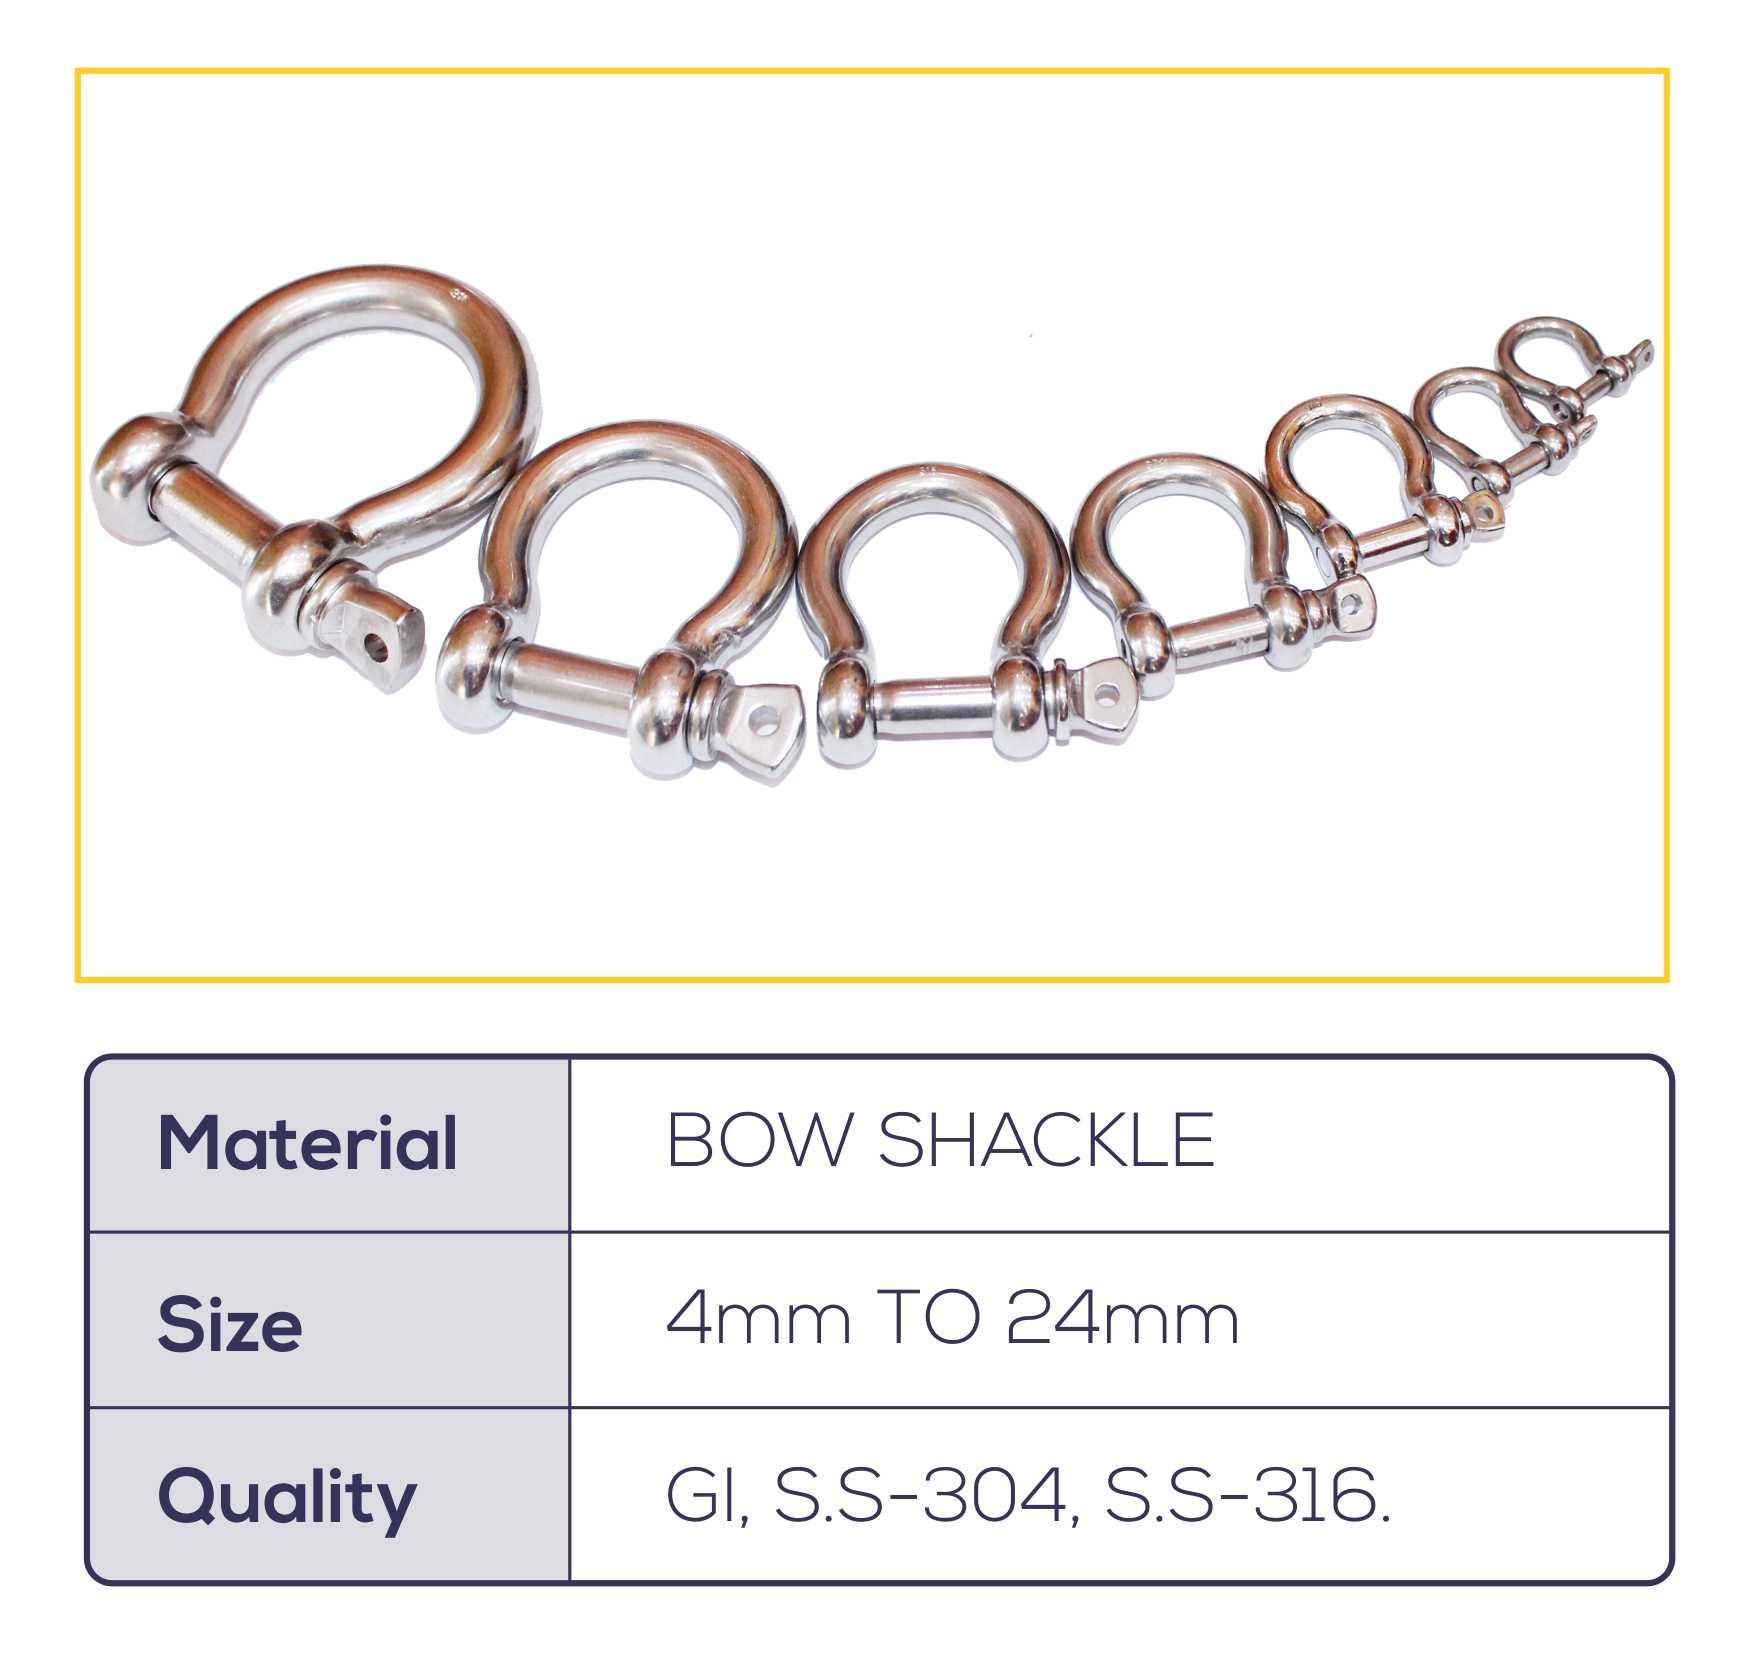 Bow Shackle